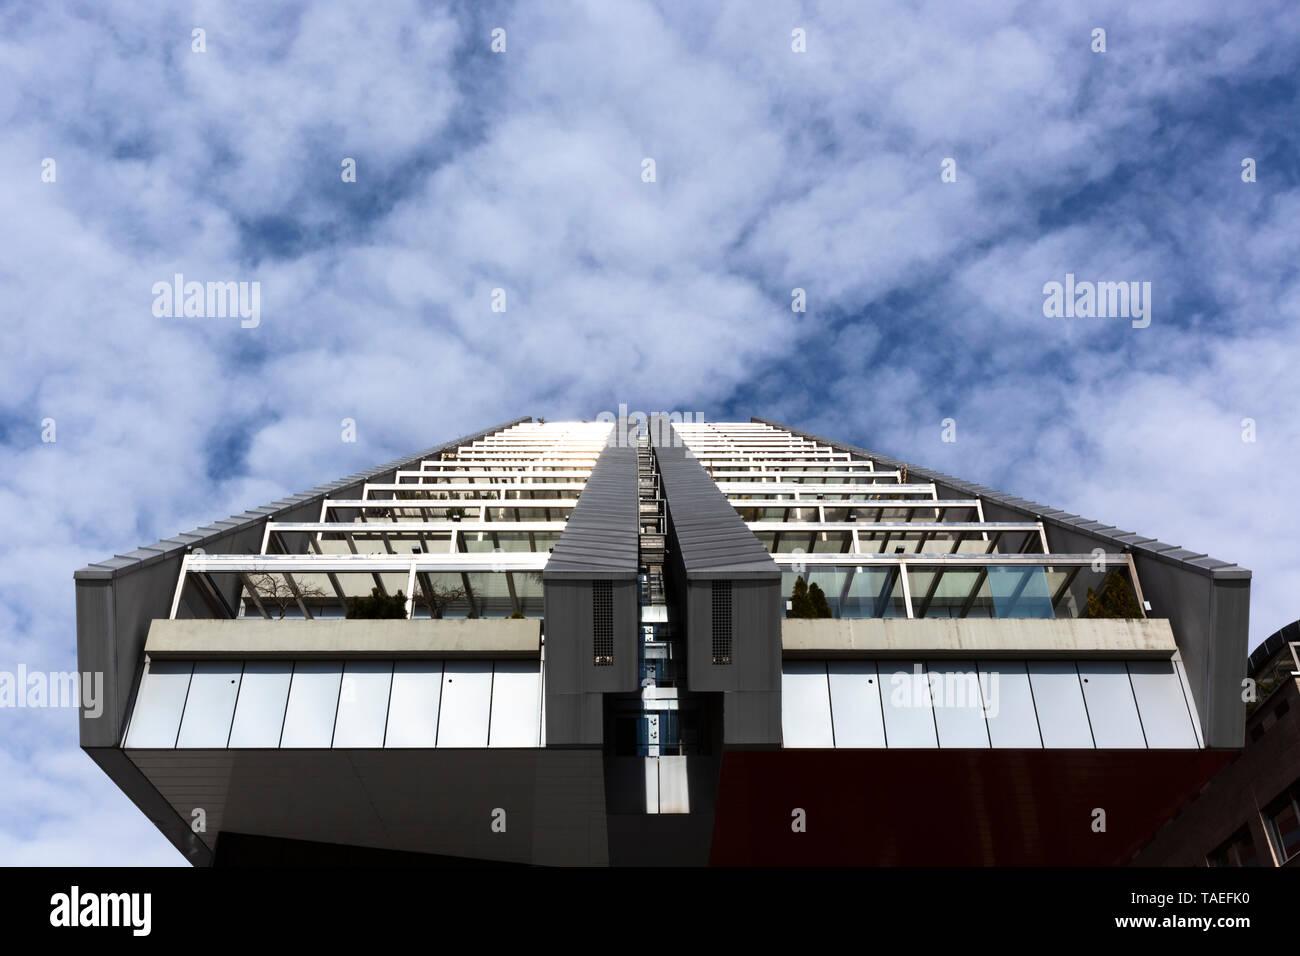 Slovenia, Ljubljana, R5 residential building - Stock Image